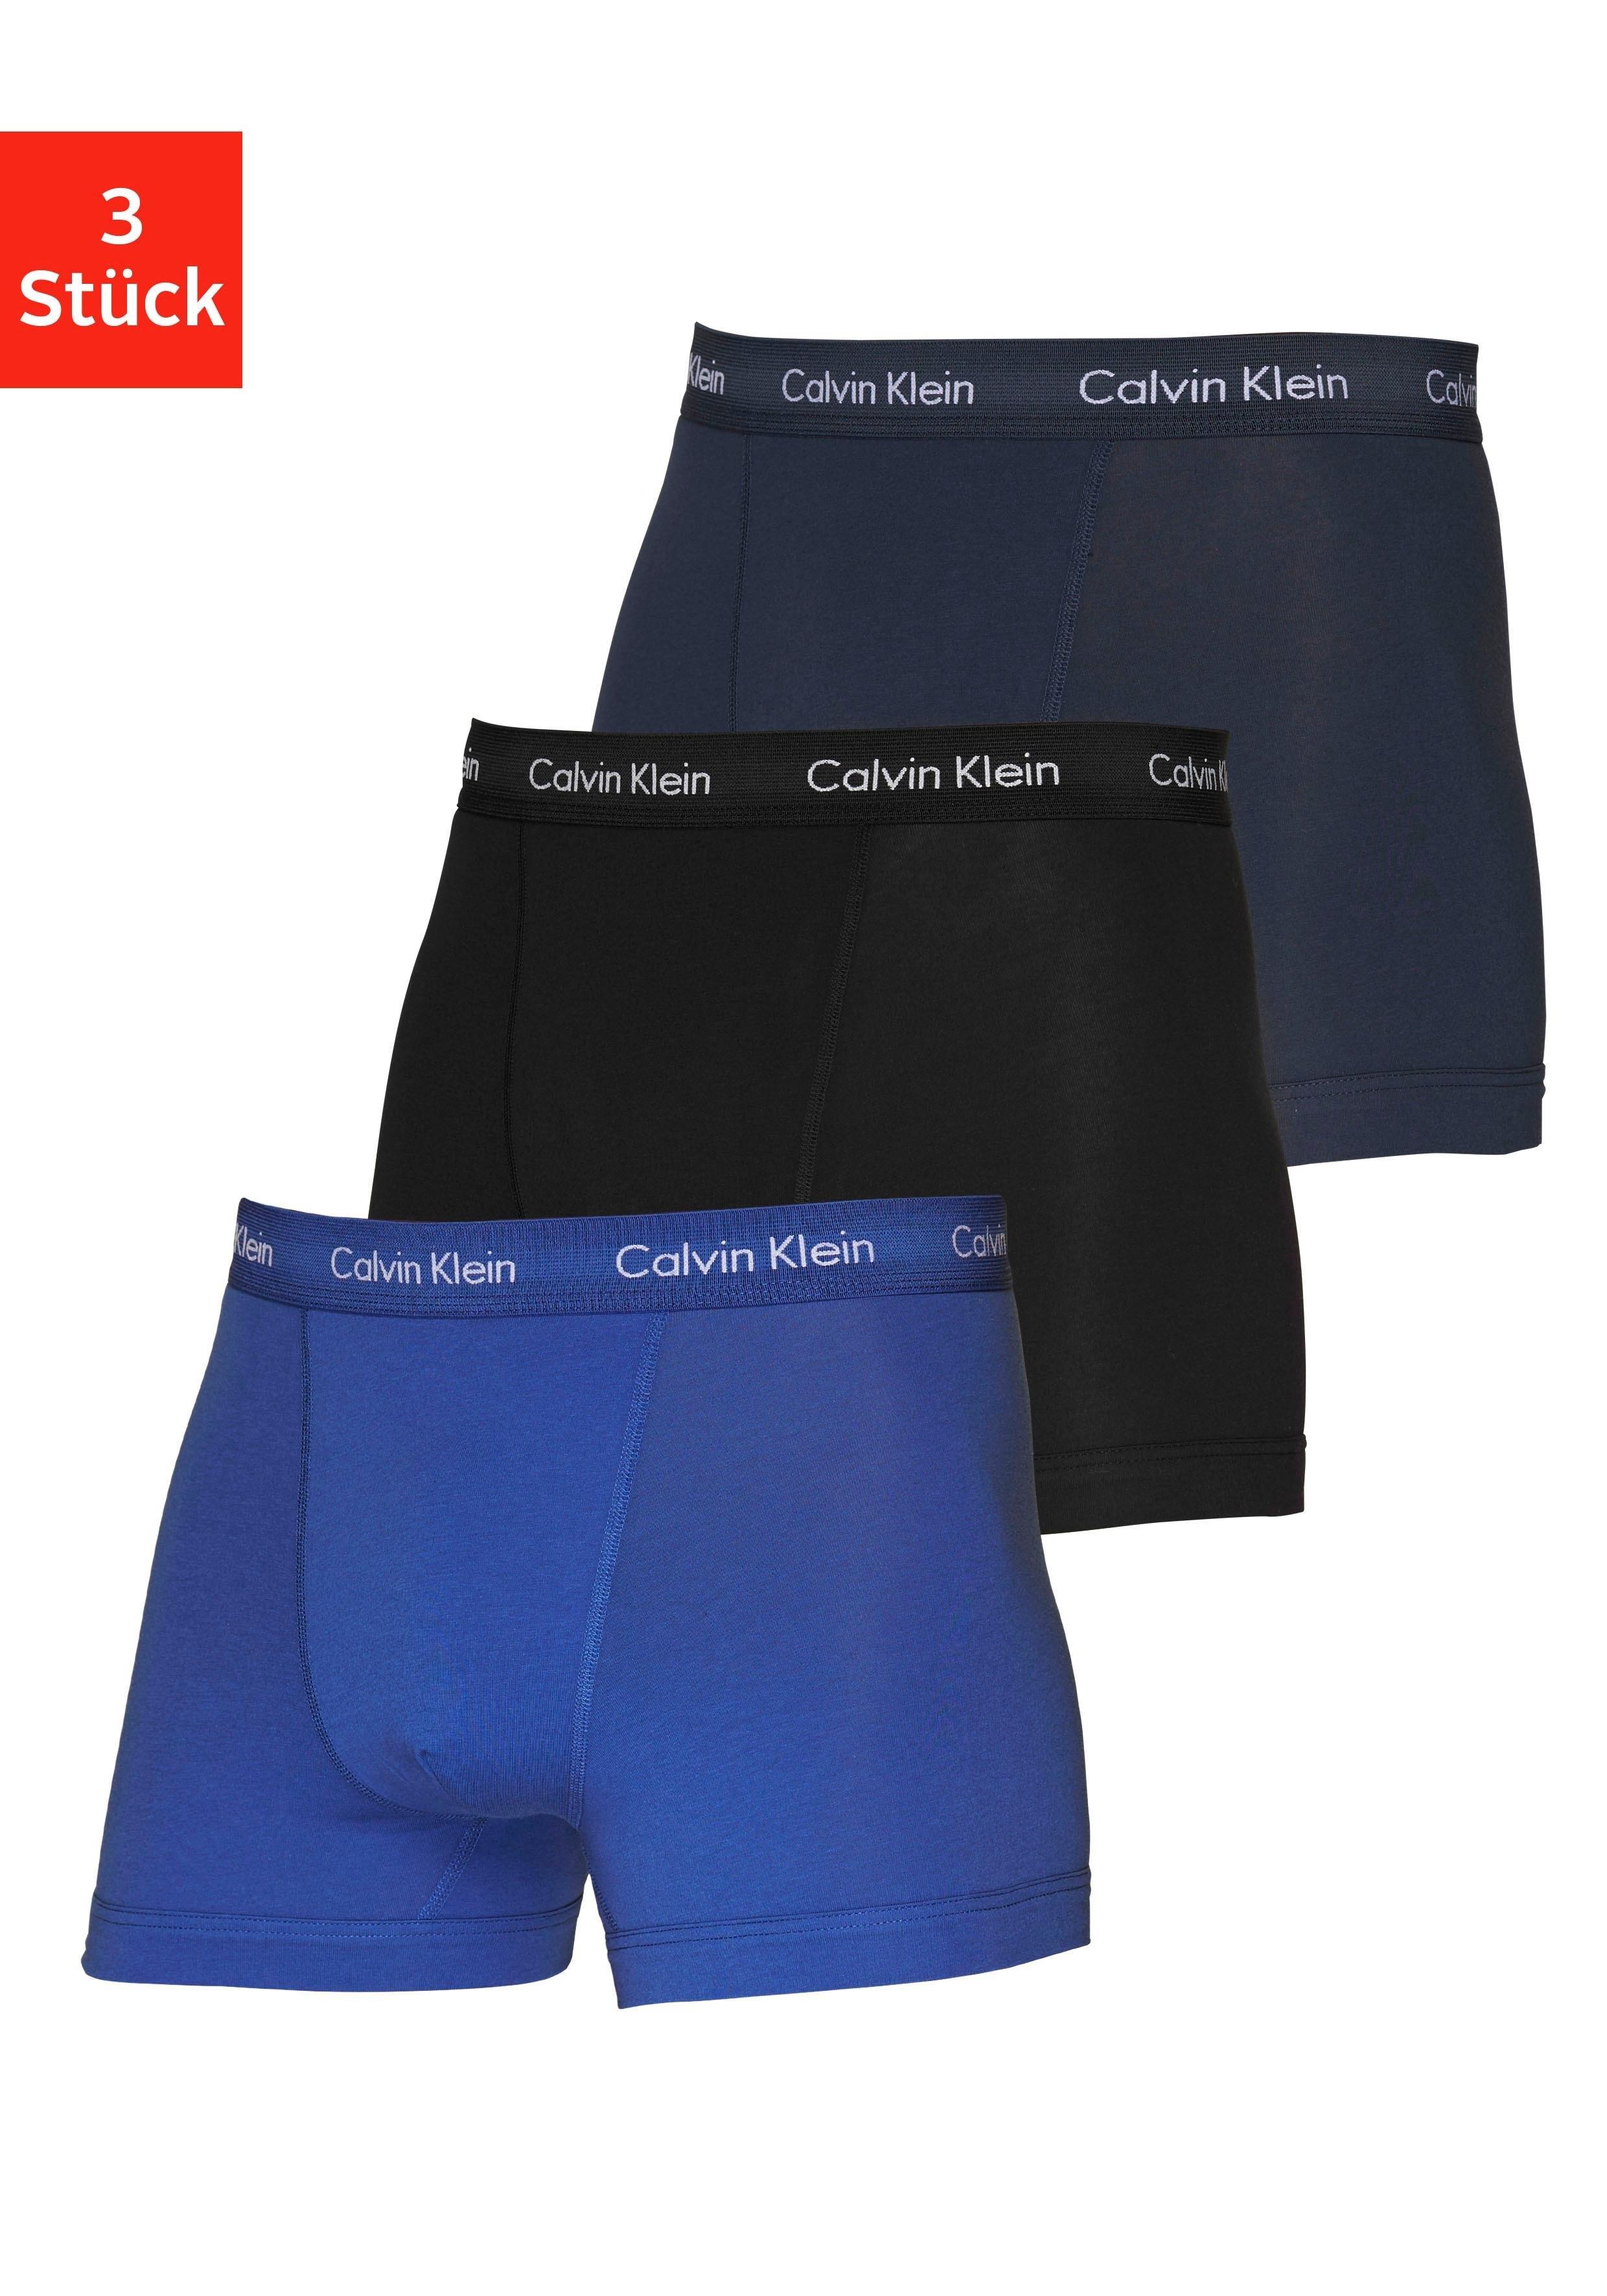 Calvin Klein boxershort in blauwtinten (3 stuks) veilig op otto.nl kopen